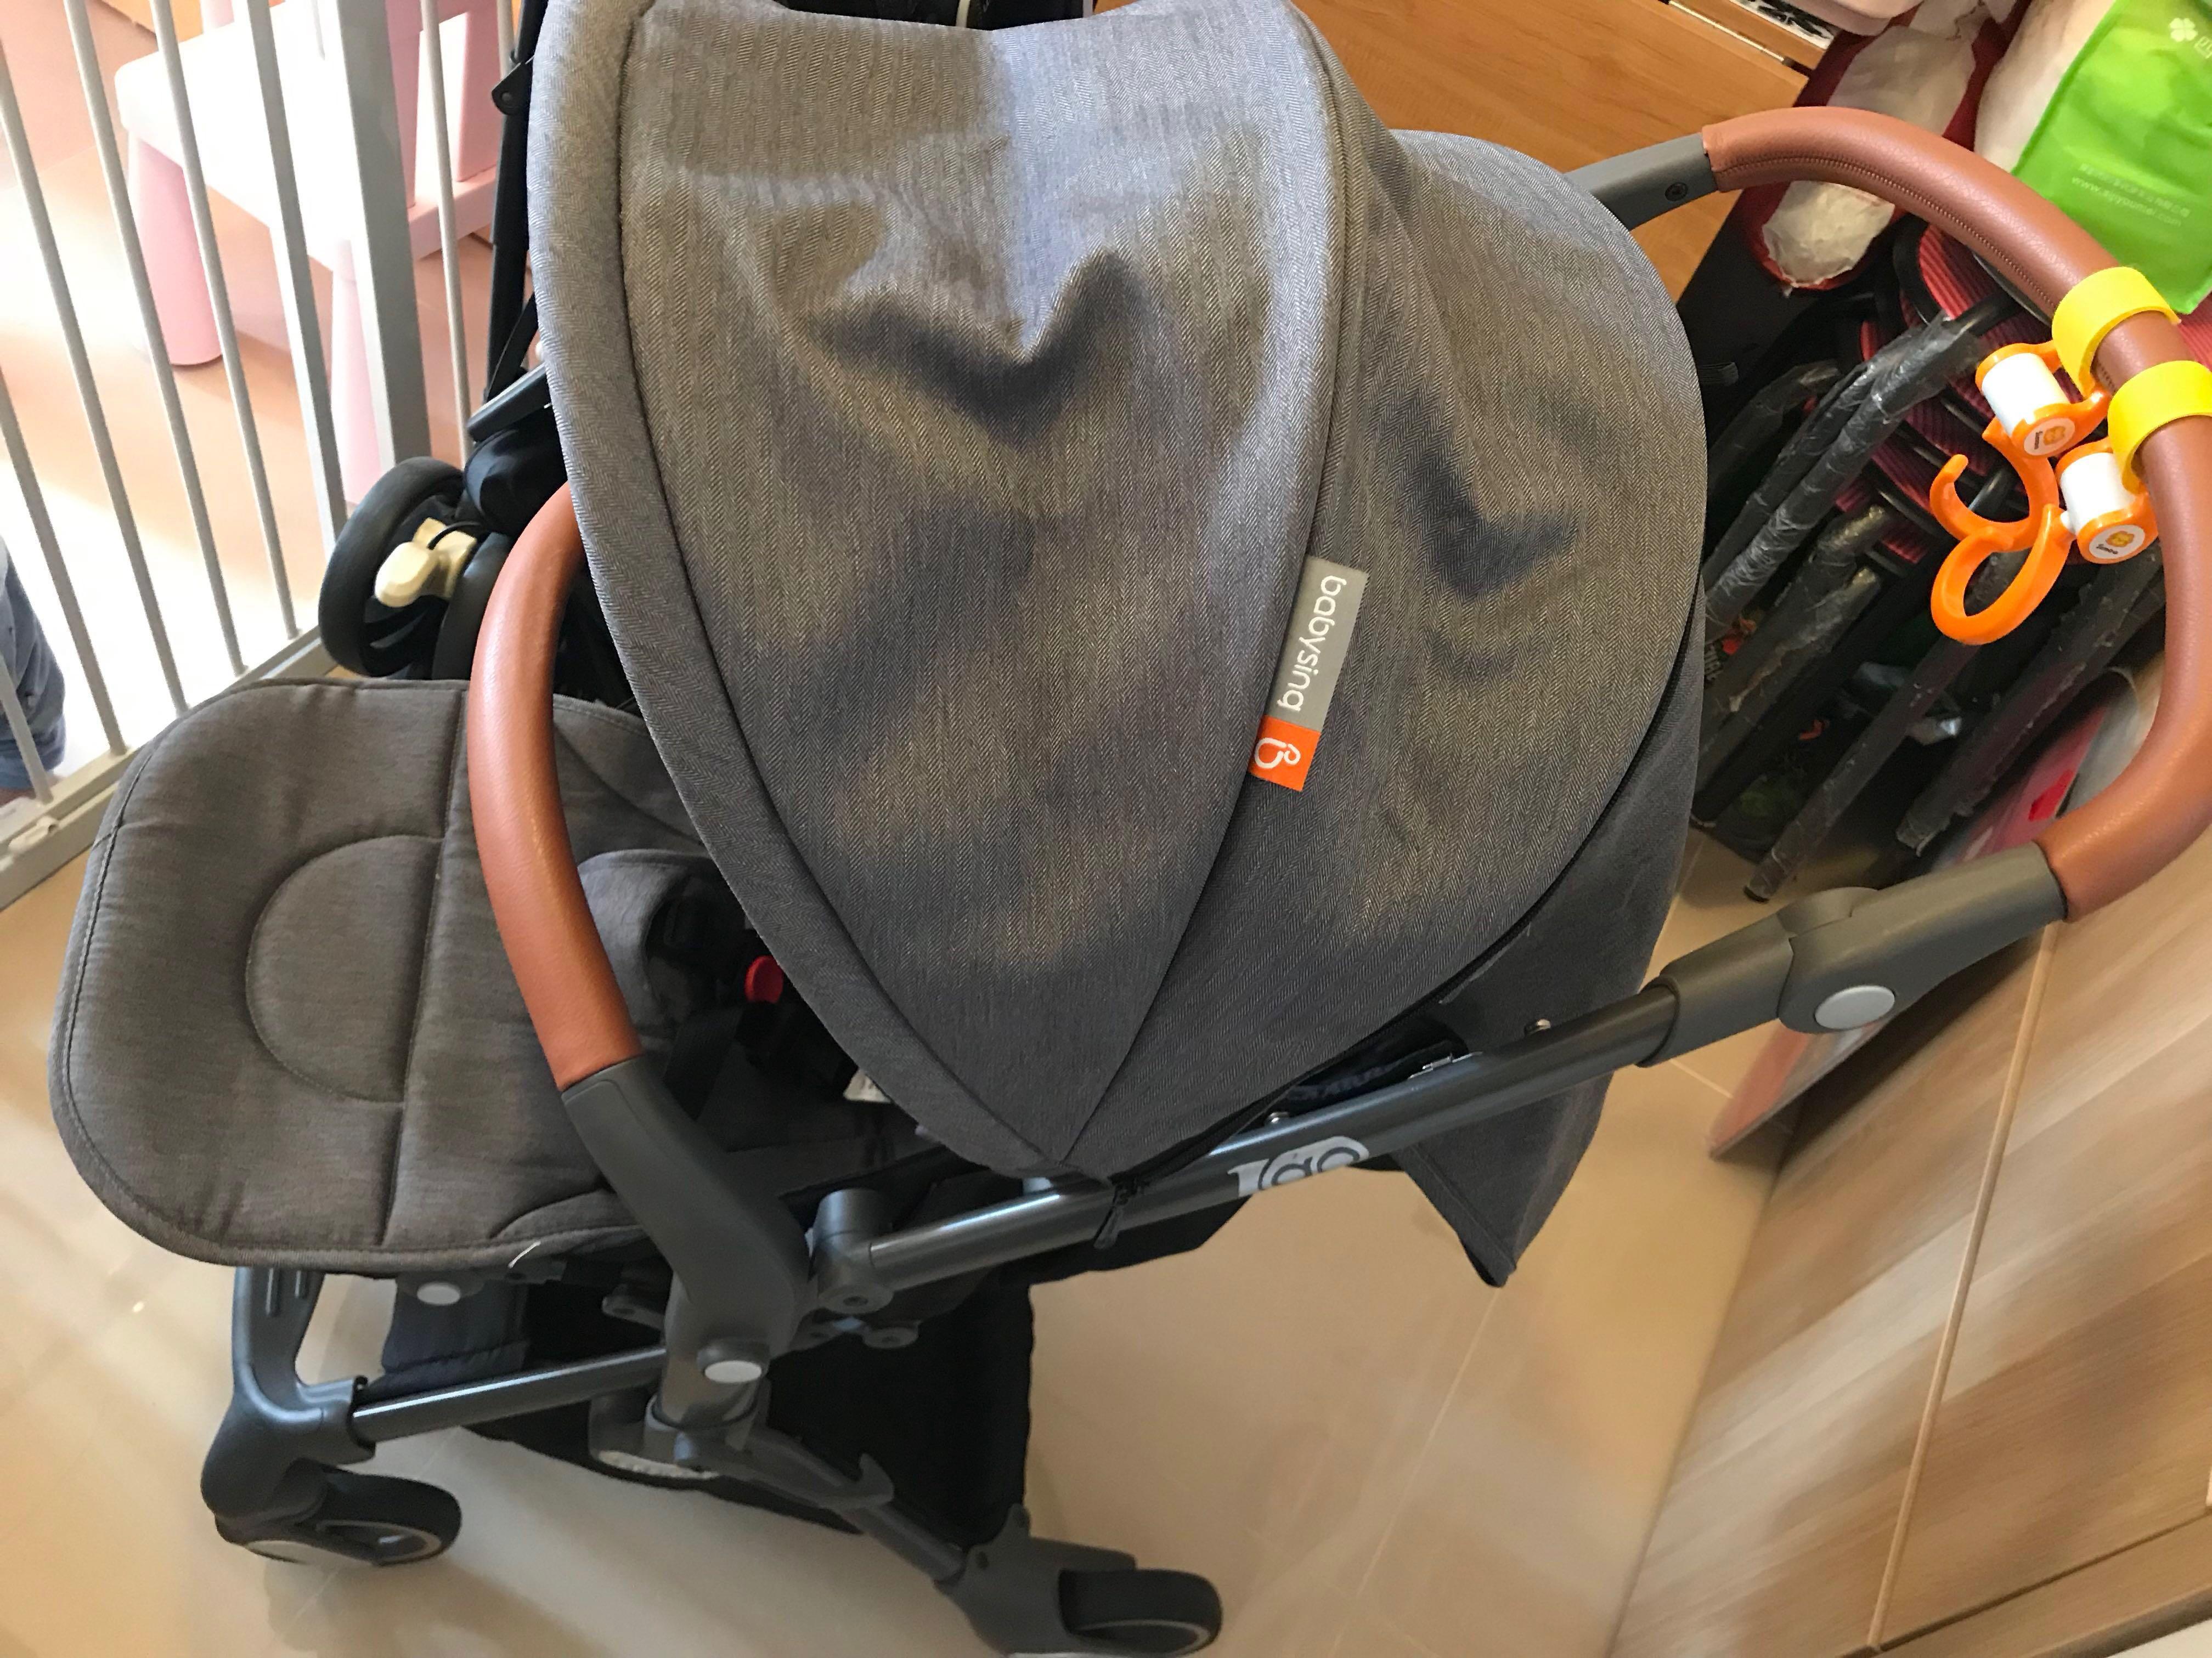 Babysing igo 法國高景觀減震升級雙向版嬰兒車